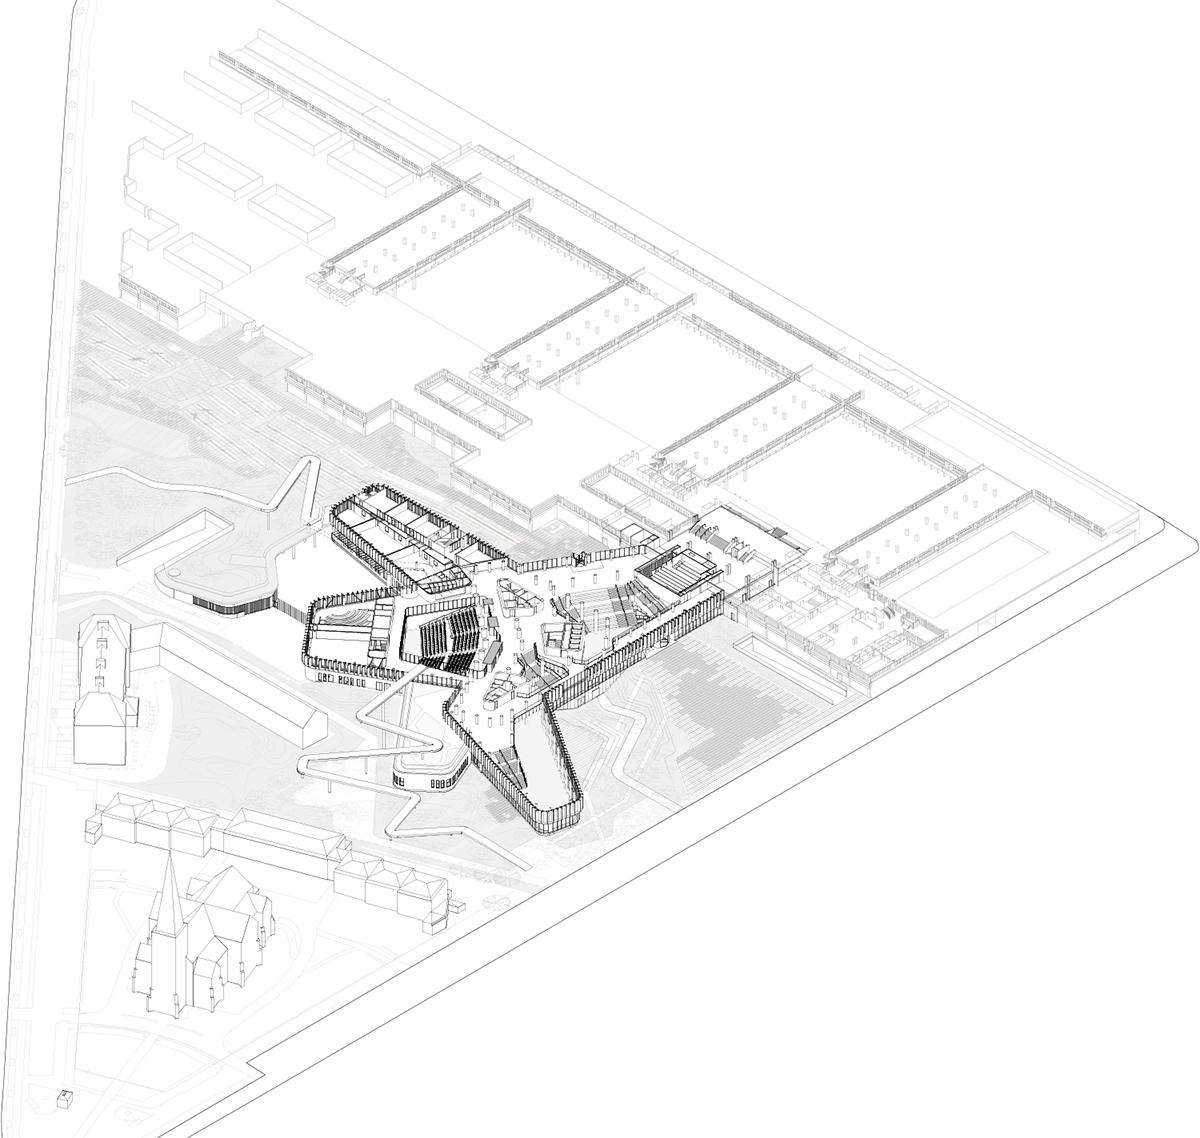 Isometric drawing base level C.F. Møller Architects}